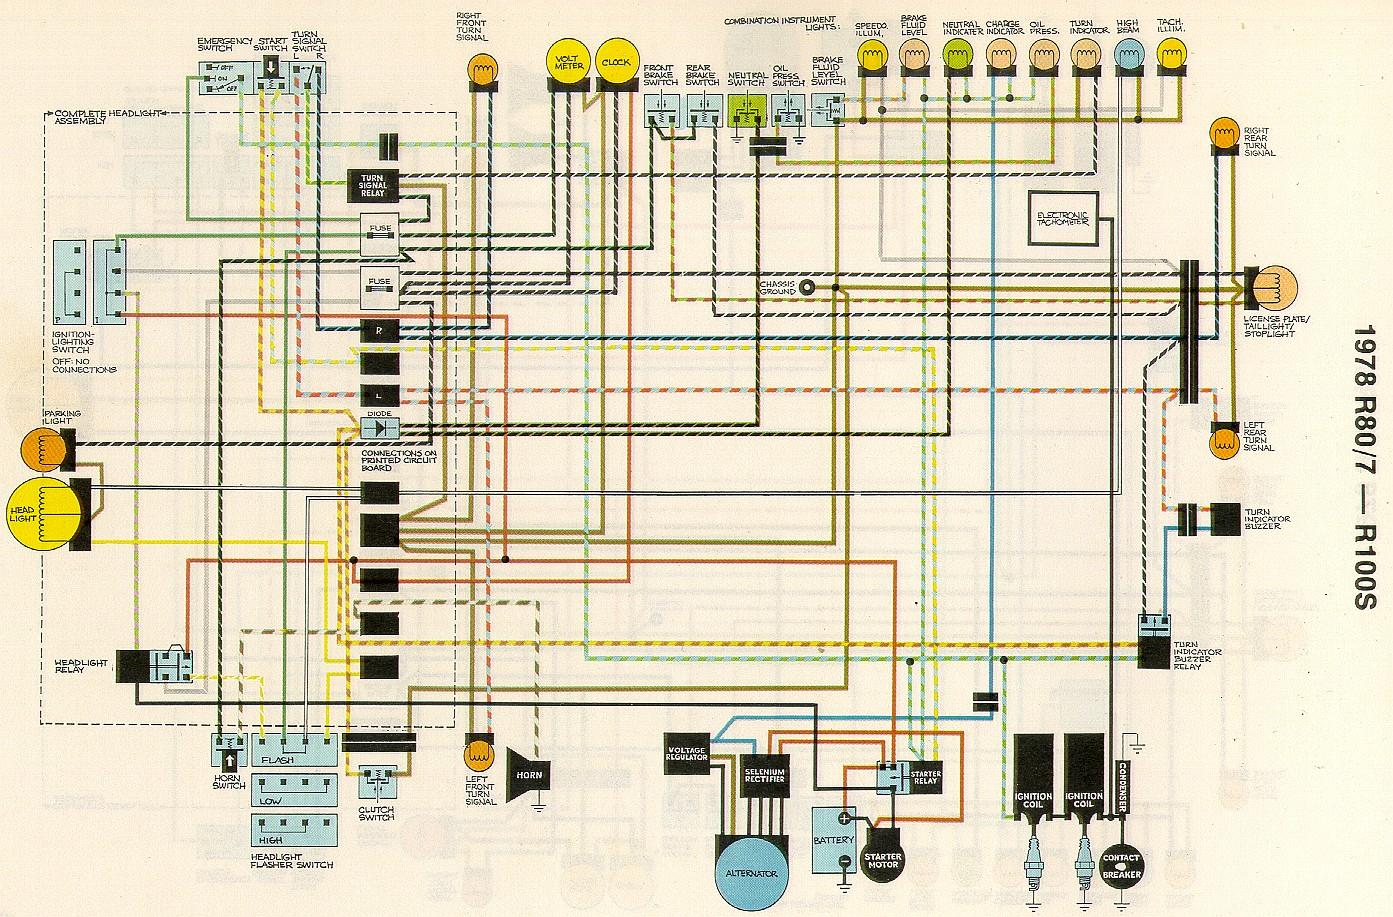 bmw r100 wiring diagram